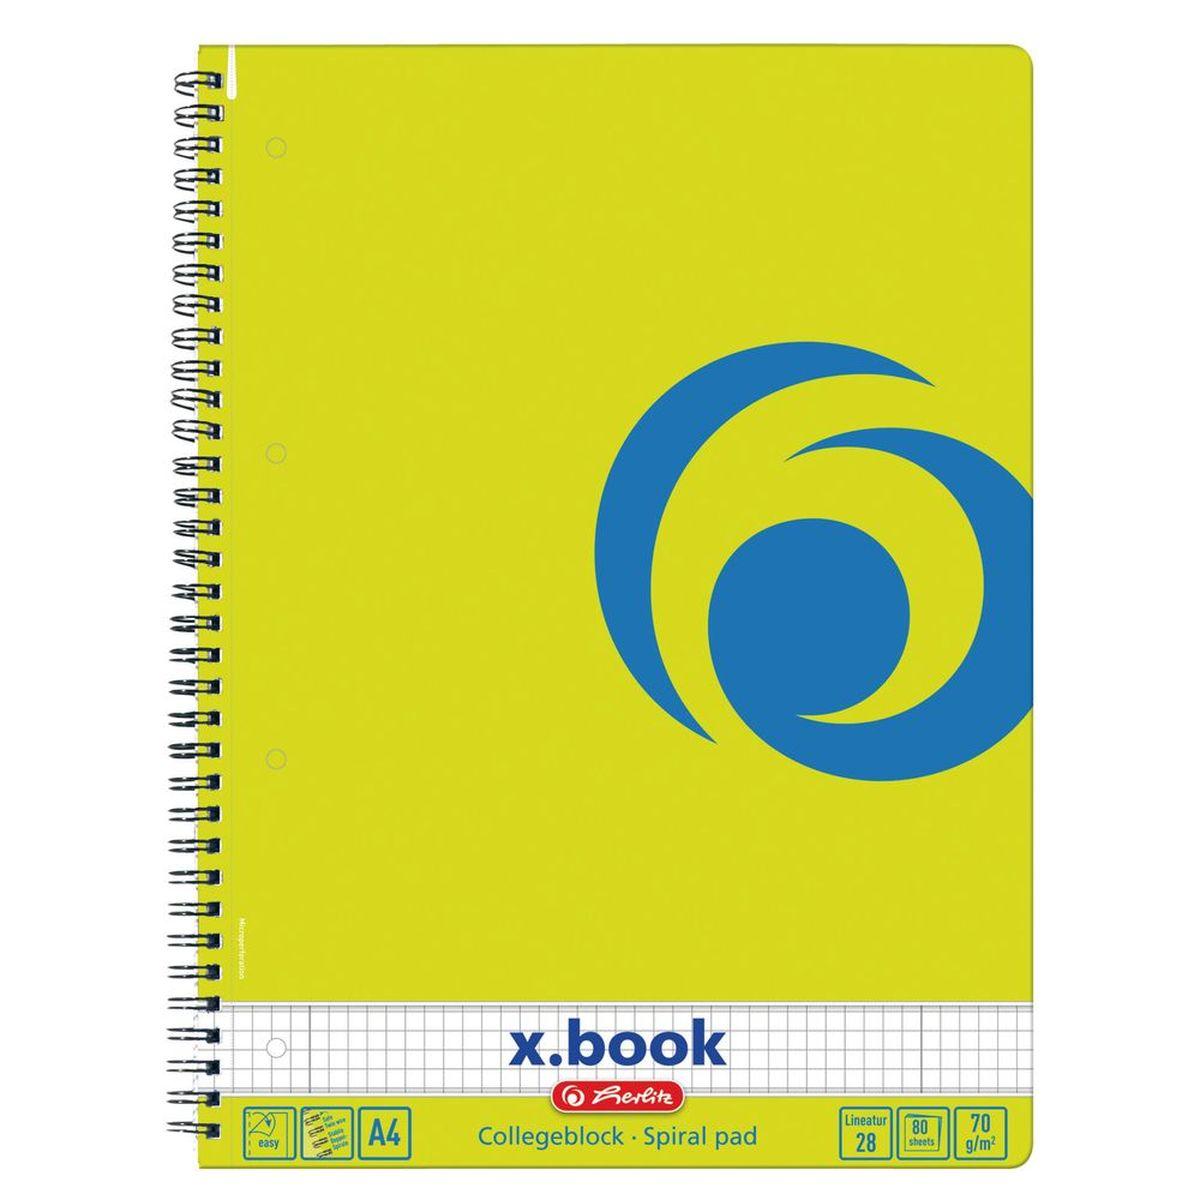 Herlitz Блокнот x.book Лимон 80 листов в клеткуIDN110/A6/VLБлокнот Herlitz серии x.book - ваш идеальный партнер для дома и отдыха. Благодаря разнообразию форм в четырех форматах от А4 до А7, x.book пригодится в любой ситуации и поднимет настроение благодаря веселым расцветкам, например, солнечный желтый, яркий красный, сочный зеленый и сияющий синий.Блокнот содержит 80 листов формата А4 в клетку с полями. Обложка выполнена из качественного ламинированного картона. Внутренний спиральный блок изготовлен из металла и гарантирует надежное крепление листов.Блокнот для записей от Herlitzстанет достойным аксессуаром среди ваших канцелярских принадлежностей. Это отличный подарок как коллеге или деловому партнеру, так и близким людям.